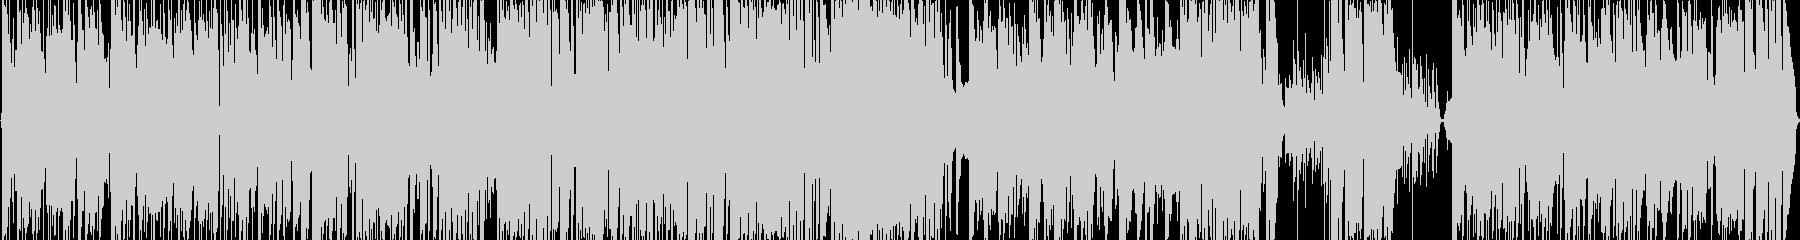 オペラ曲のジャズピアノトリオアレンジの未再生の波形